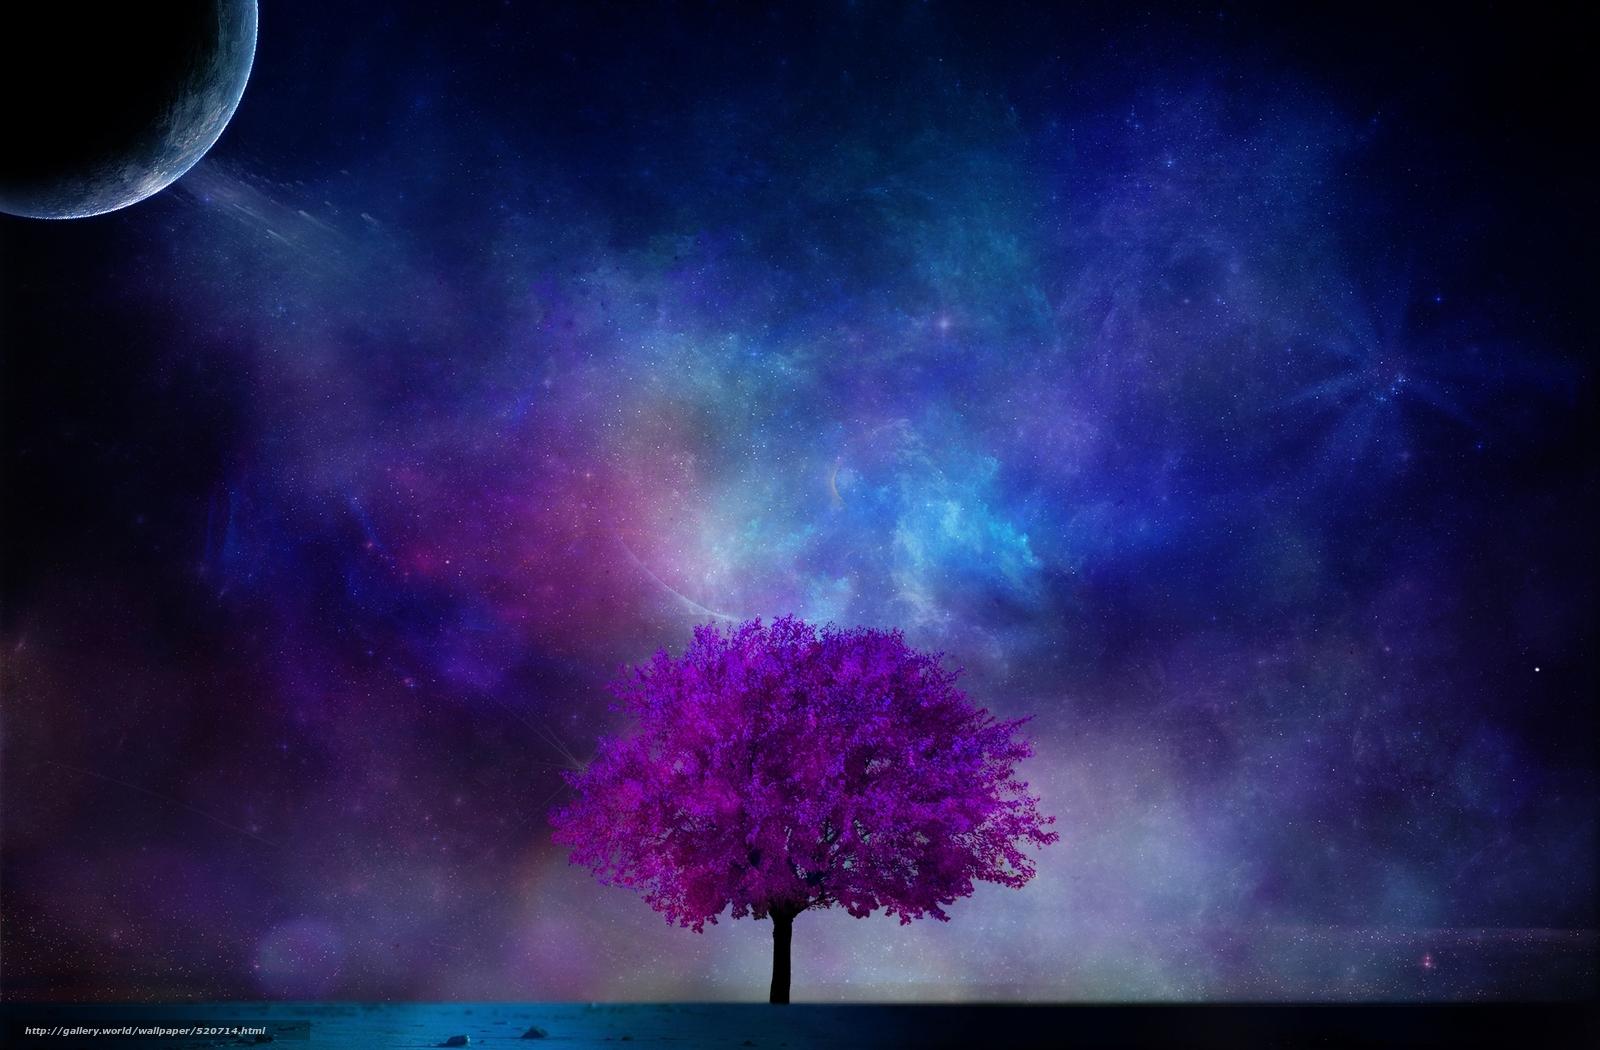 Tlcharger fond d 39 ecran arbre plante 3d art fonds d for Plante 3d gratuit